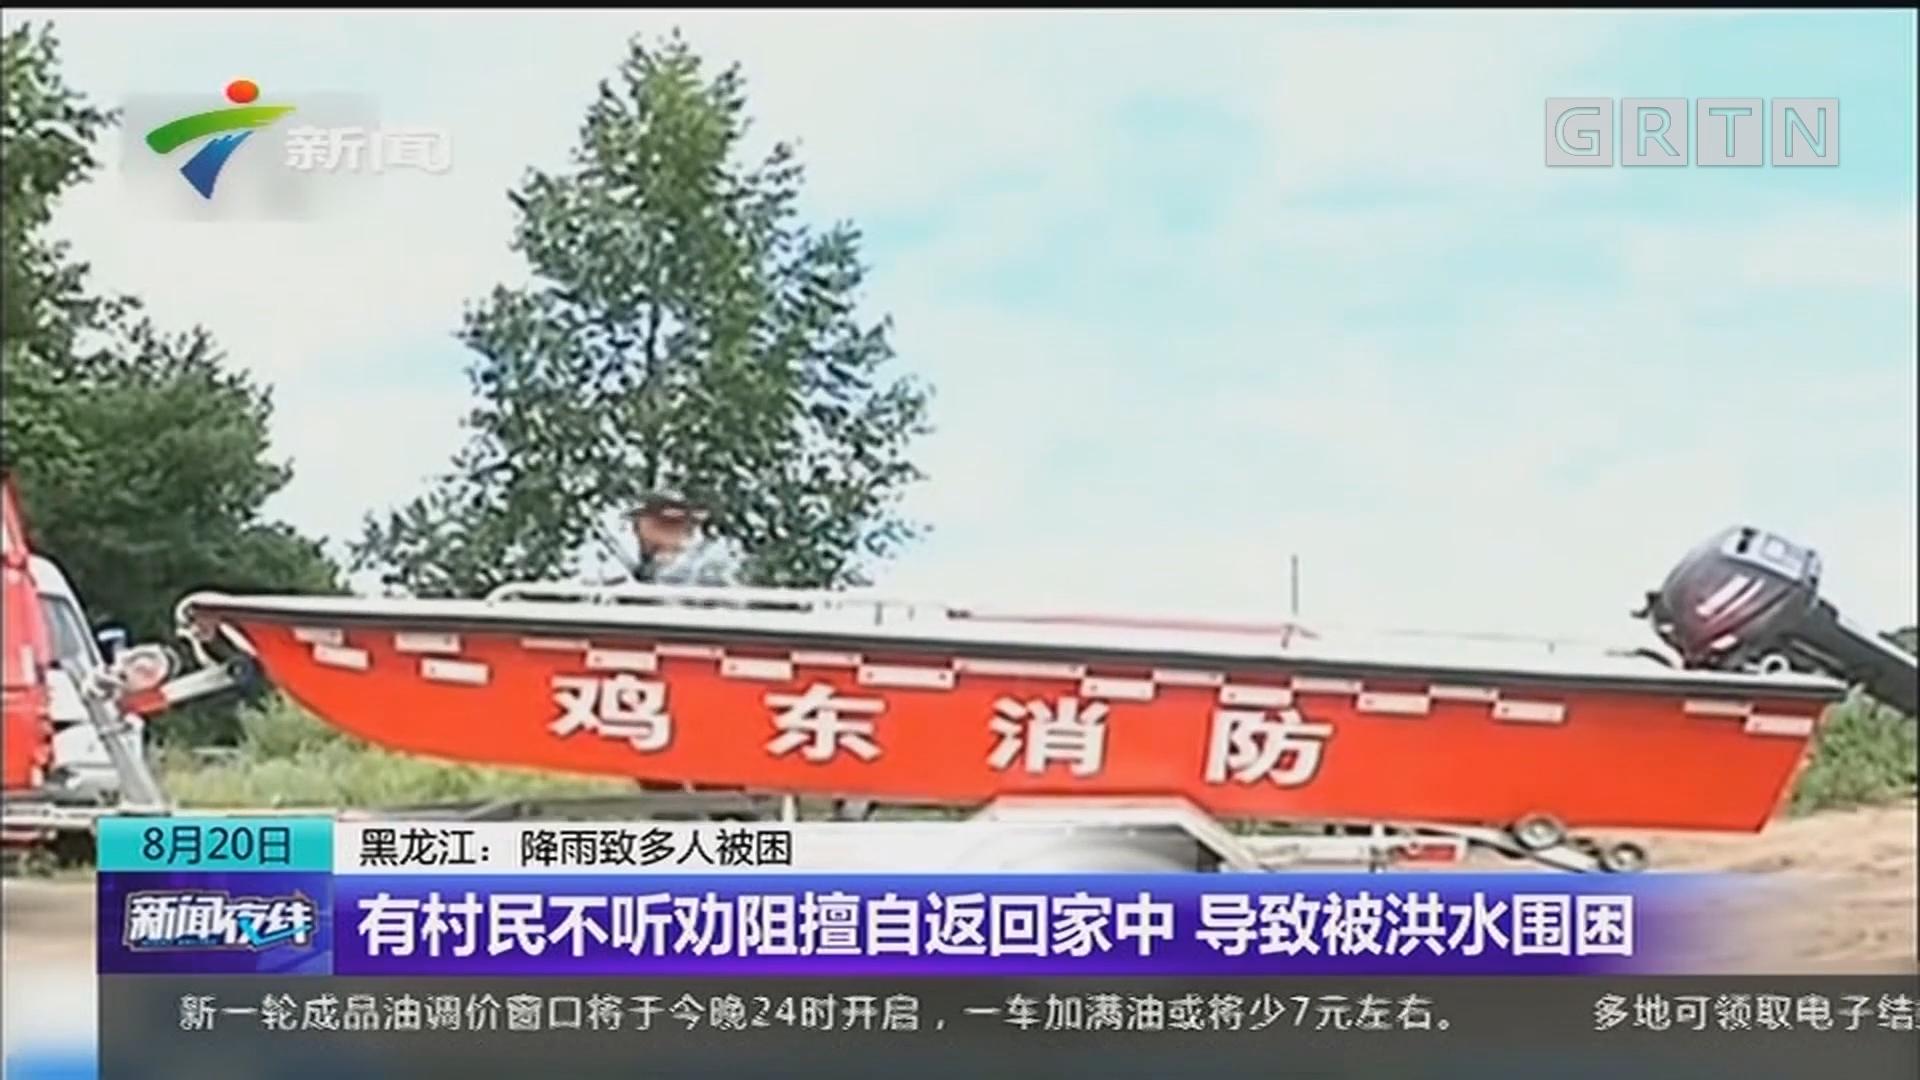 黑龙江:降雨致多人被困 有村民不听劝阻擅自返回家中 导致被洪水围困